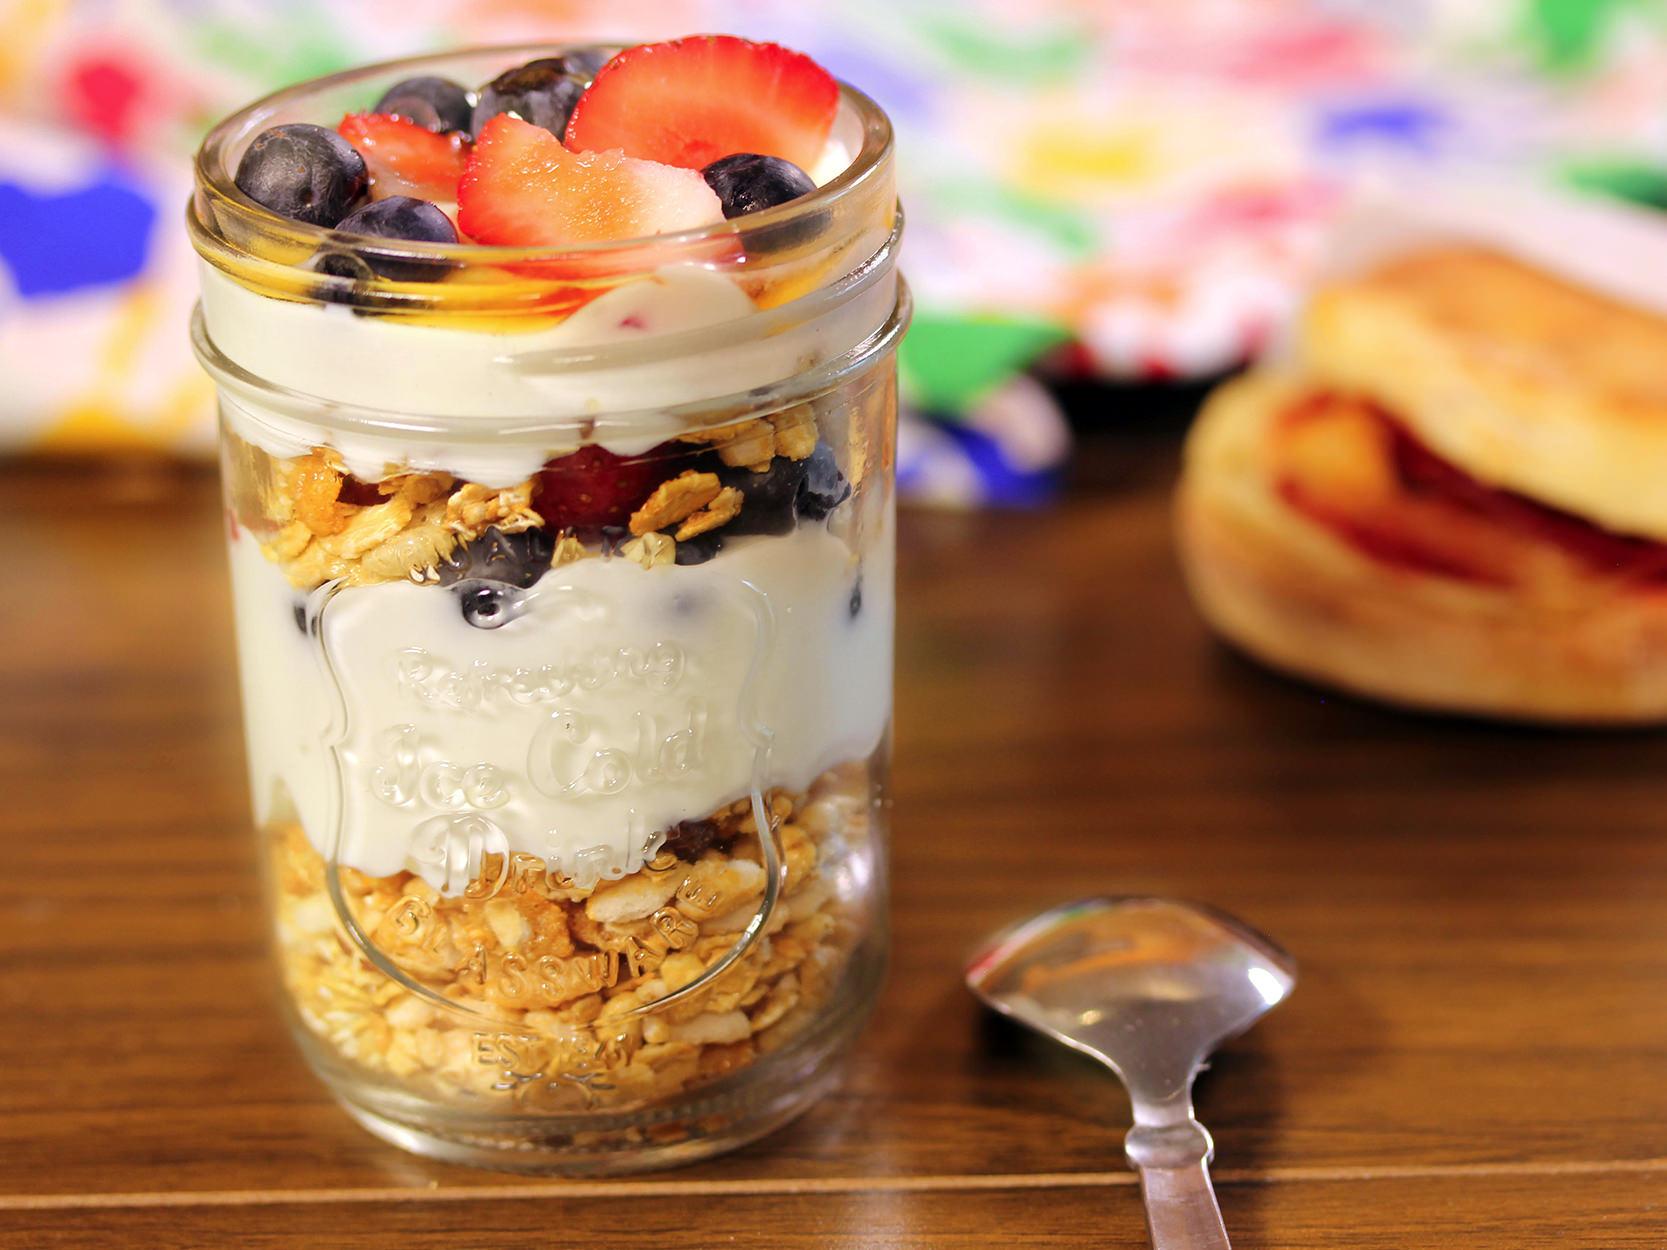 Receta para pteparar preparados de avena con fruta